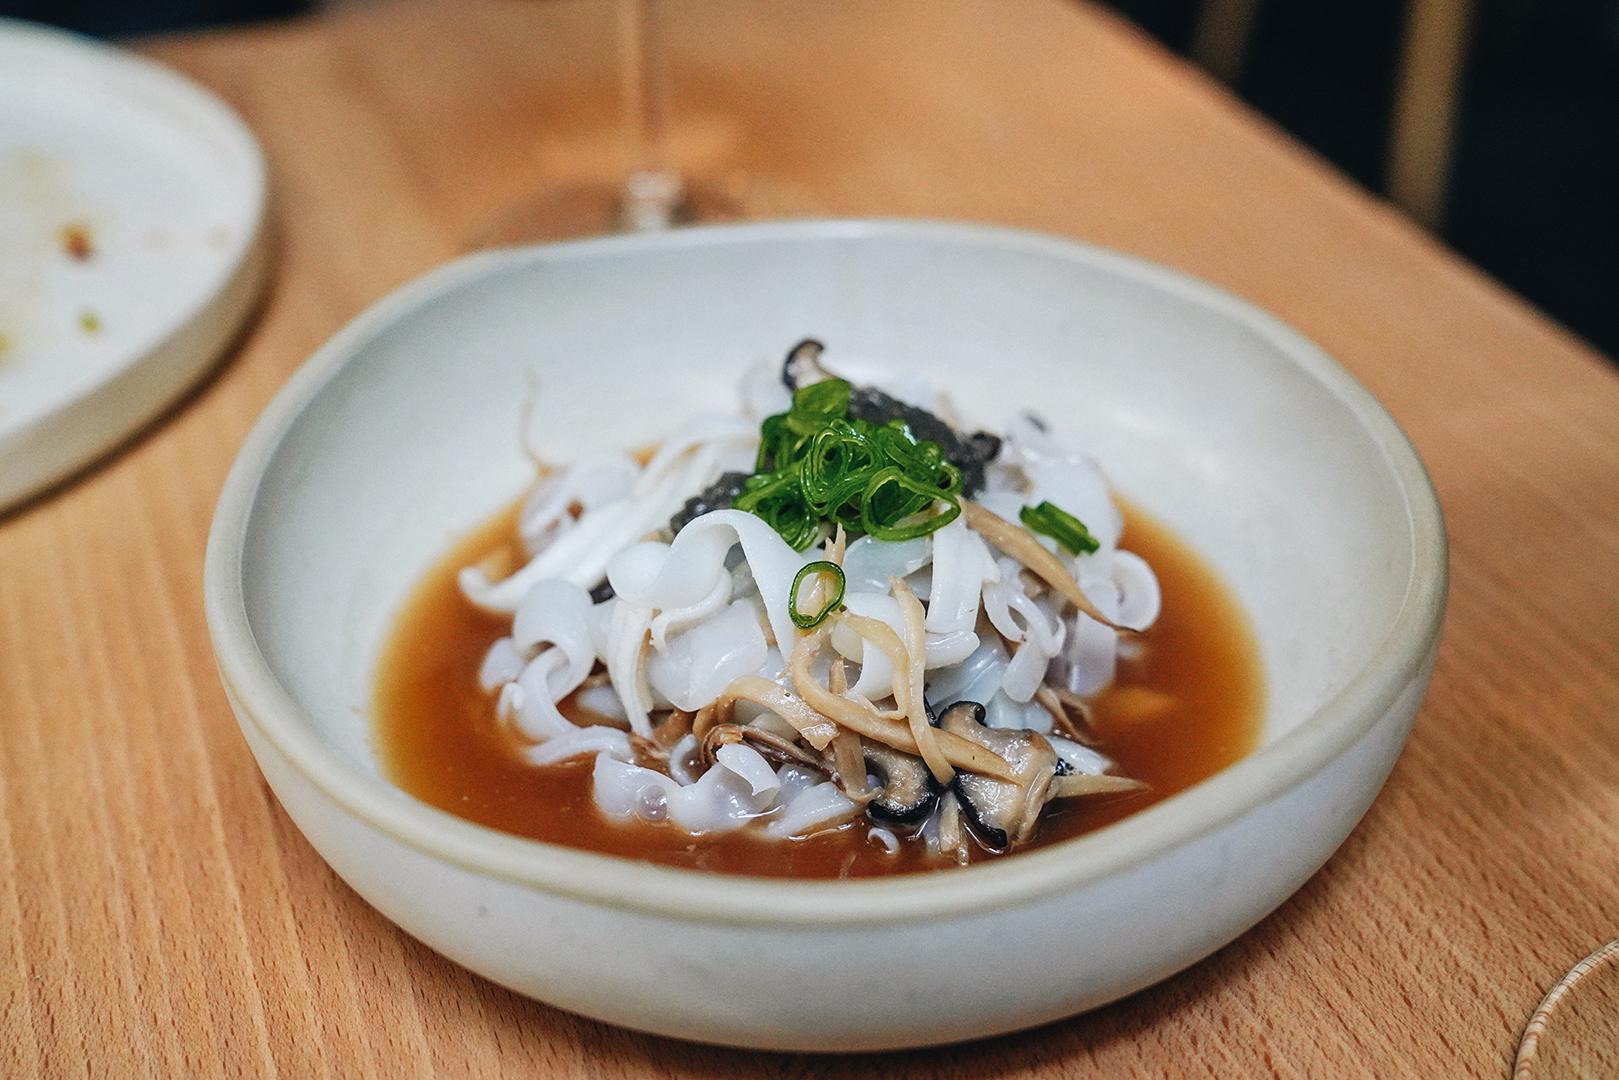 Azorean squid, eryngii & pork broth